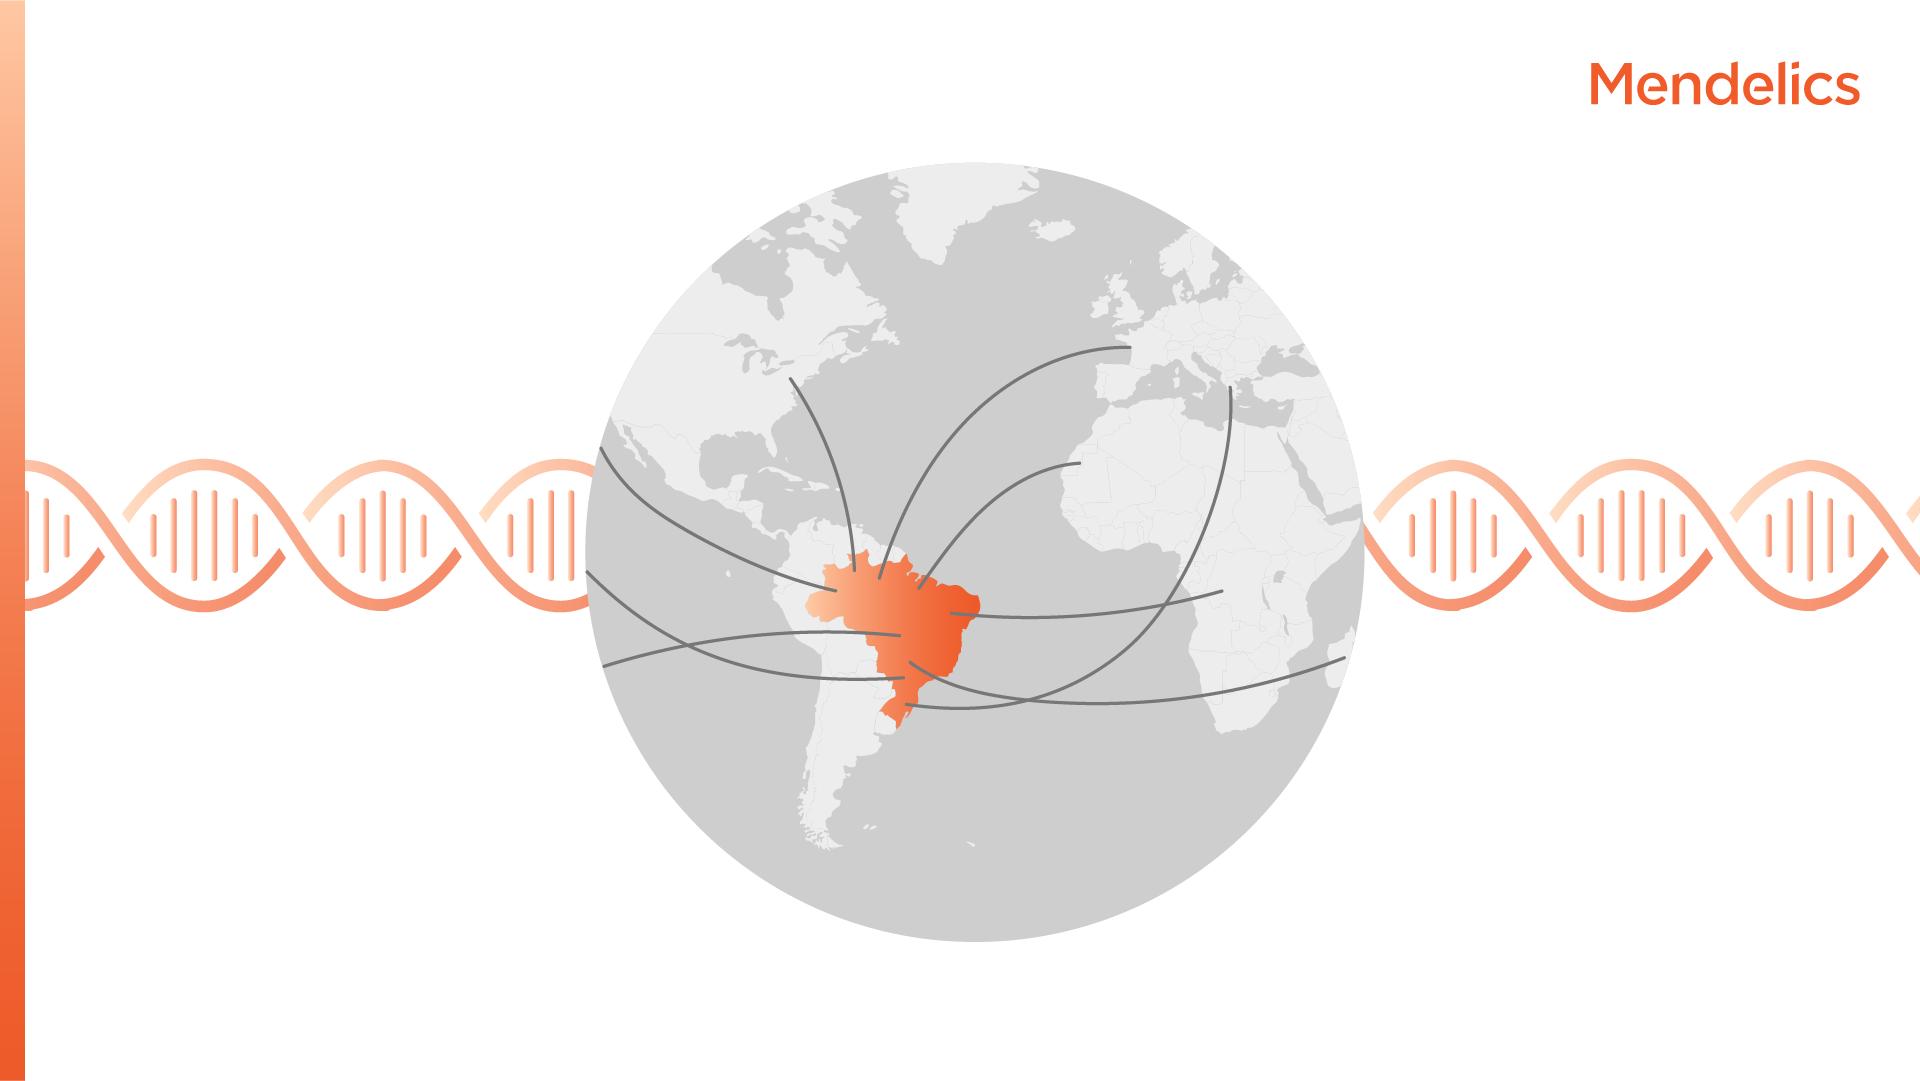 Imagem do globo terrestre com destaque para o brasil e linhas indicando os movimentos migratórios para o Brasil